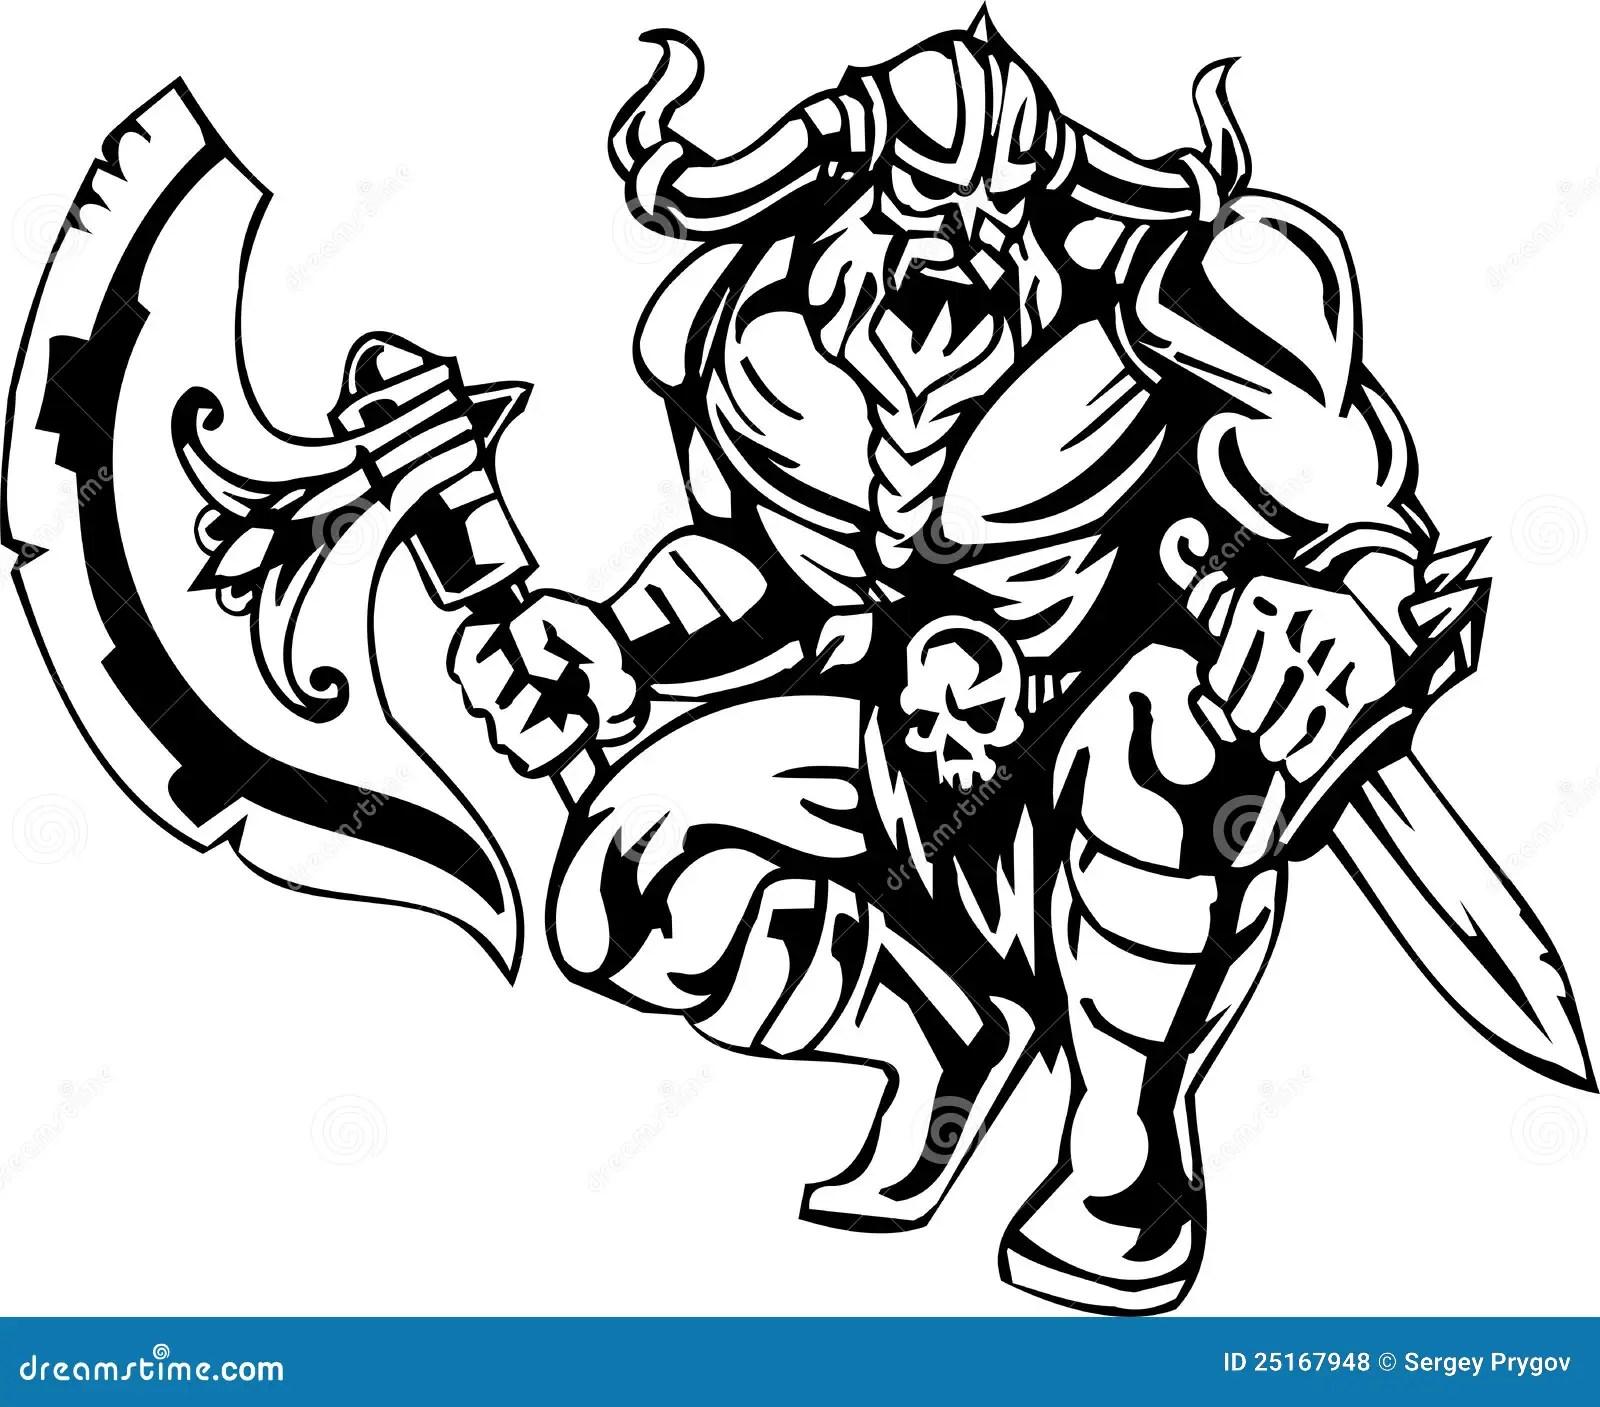 Mad Max Emblem